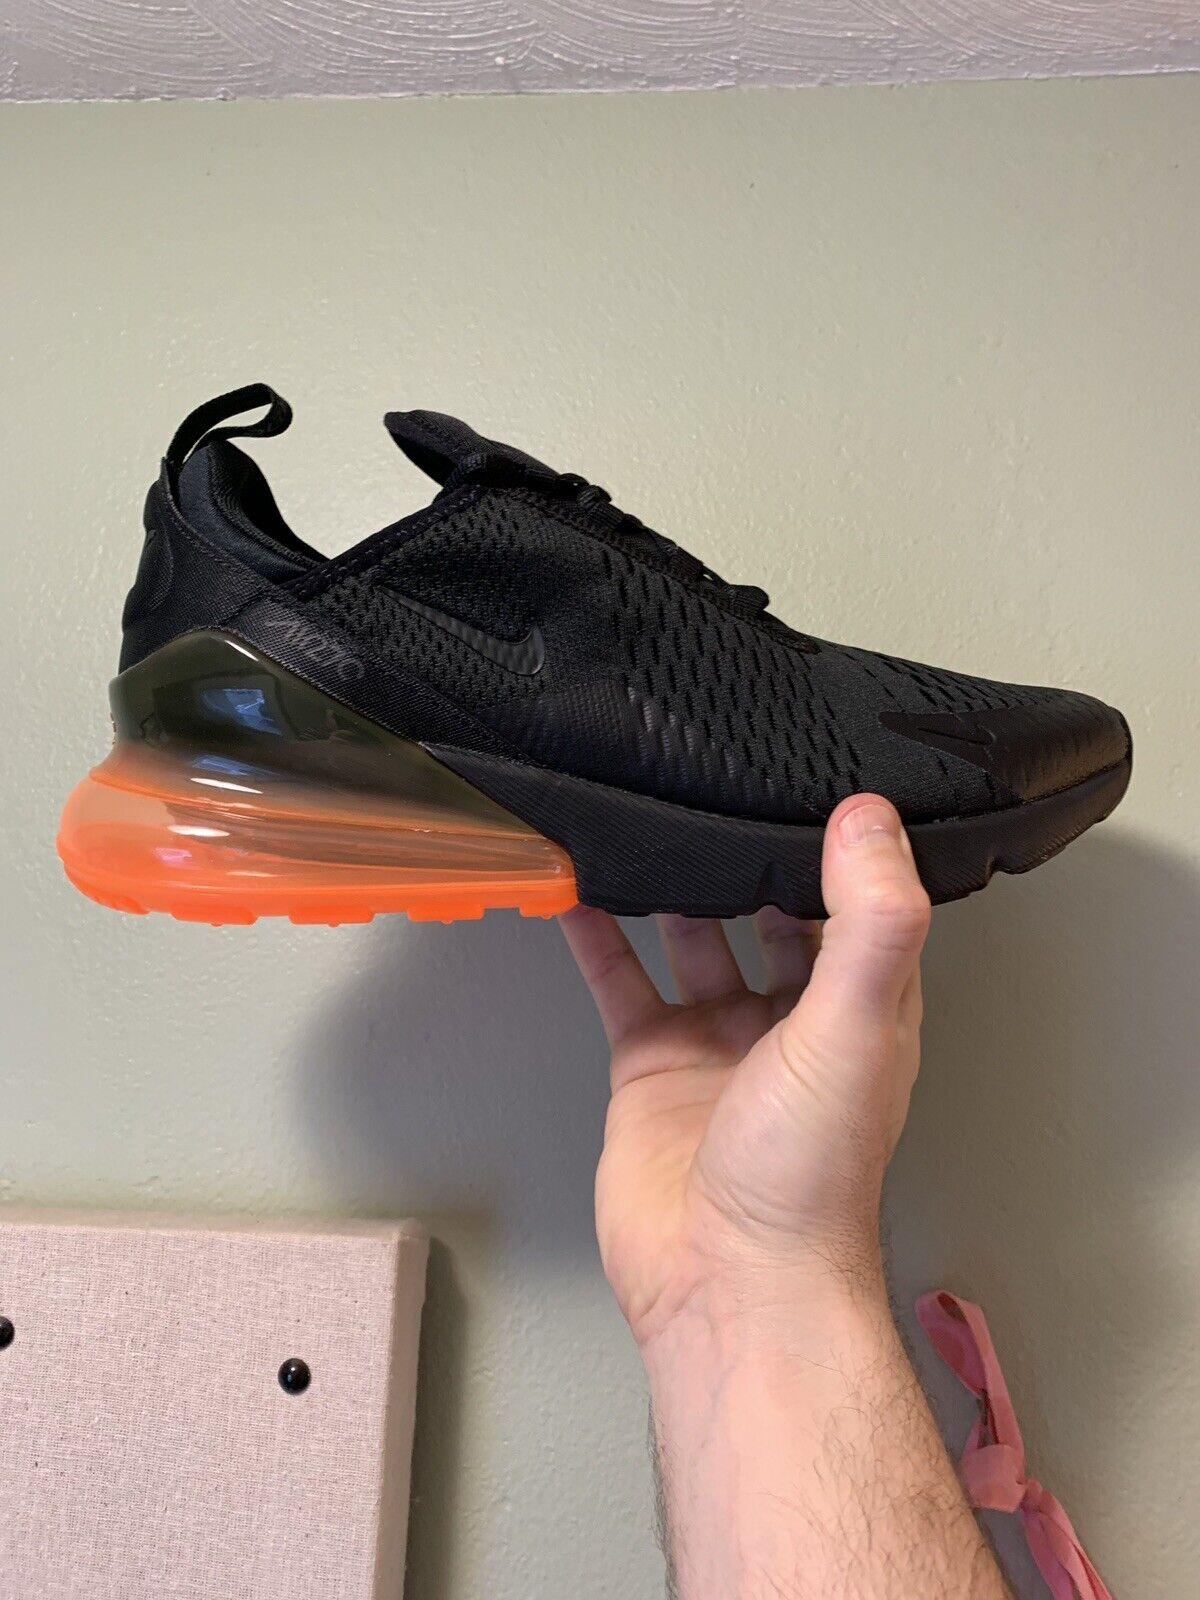 Mens Nike Air Max 270 Size 8.5 (AH8050 008) No Box Top